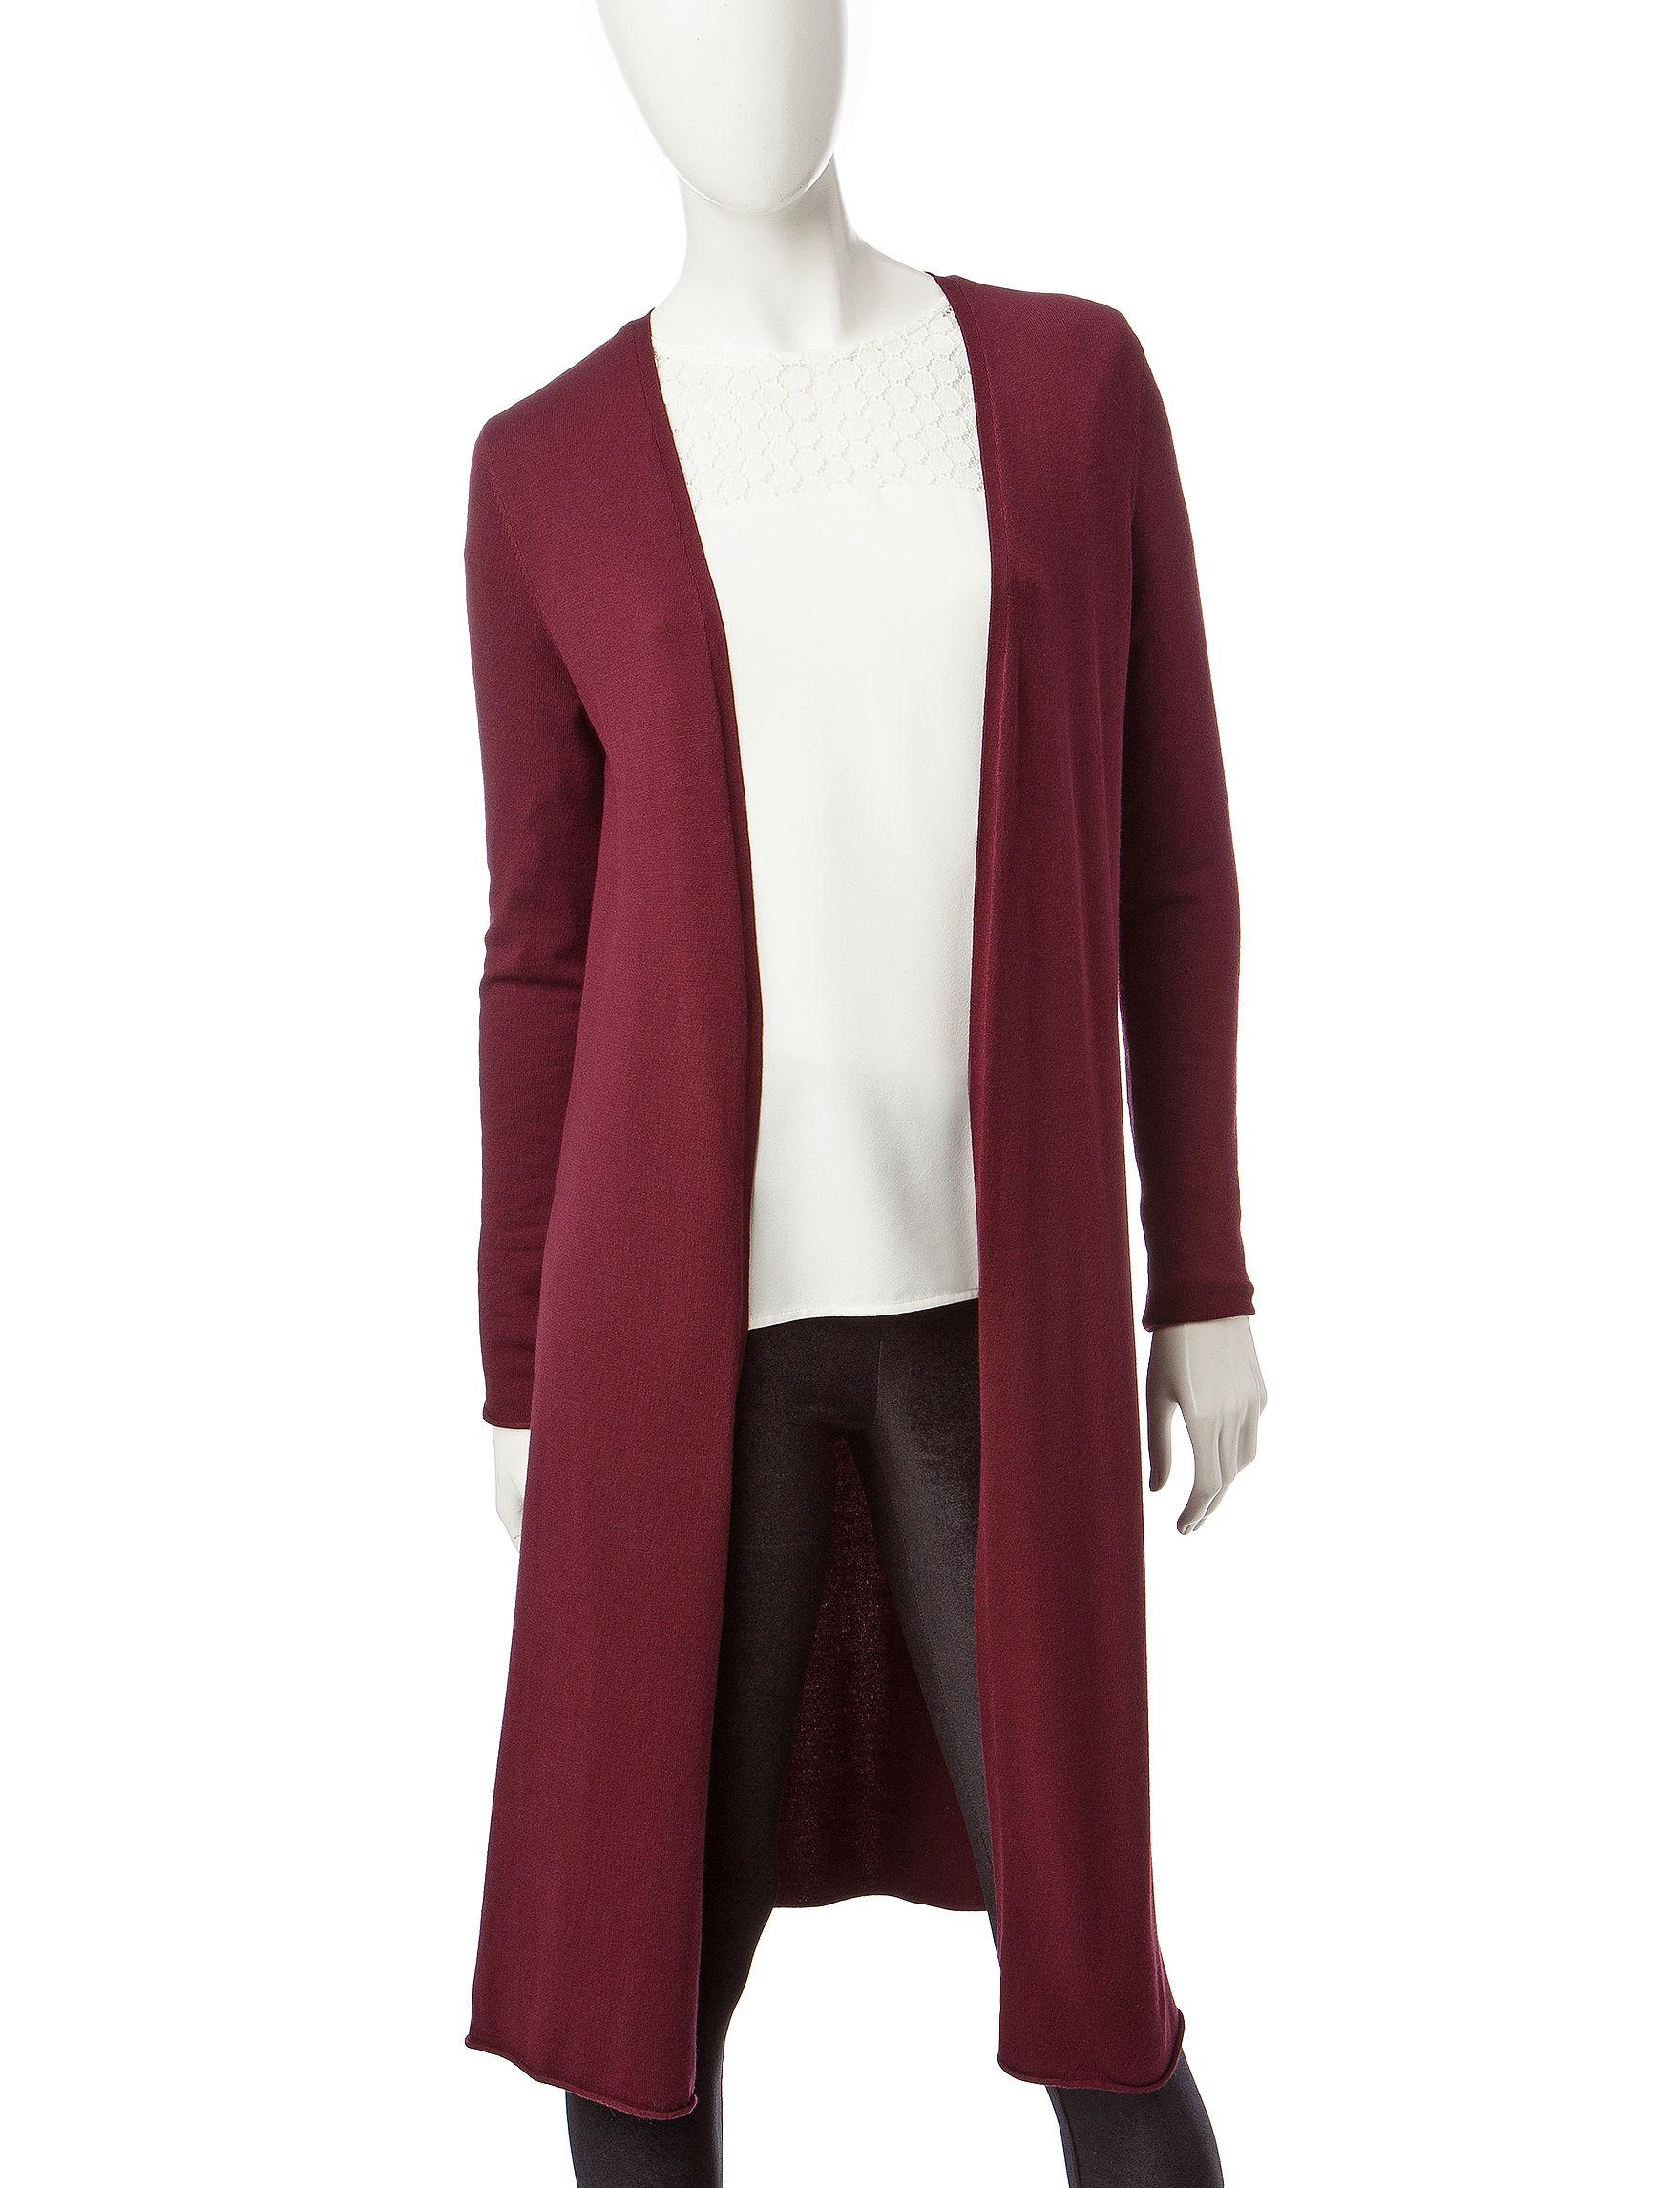 Kensie Red Cardigans Sweaters